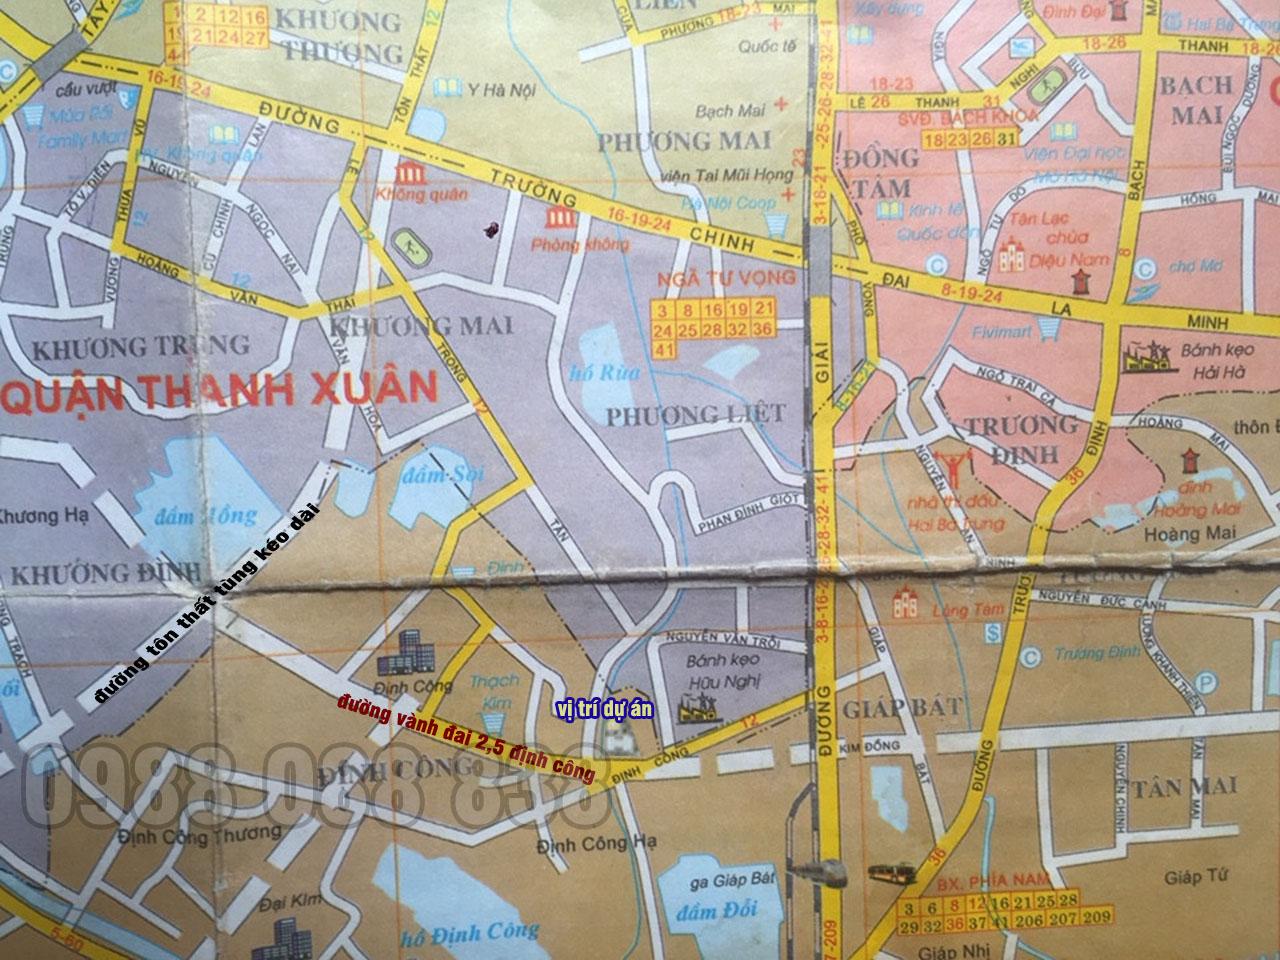 Đường vành đai 2,5 đoạn cắt qua dự án (ảnh trích ra từ bản đồ xe buýt)